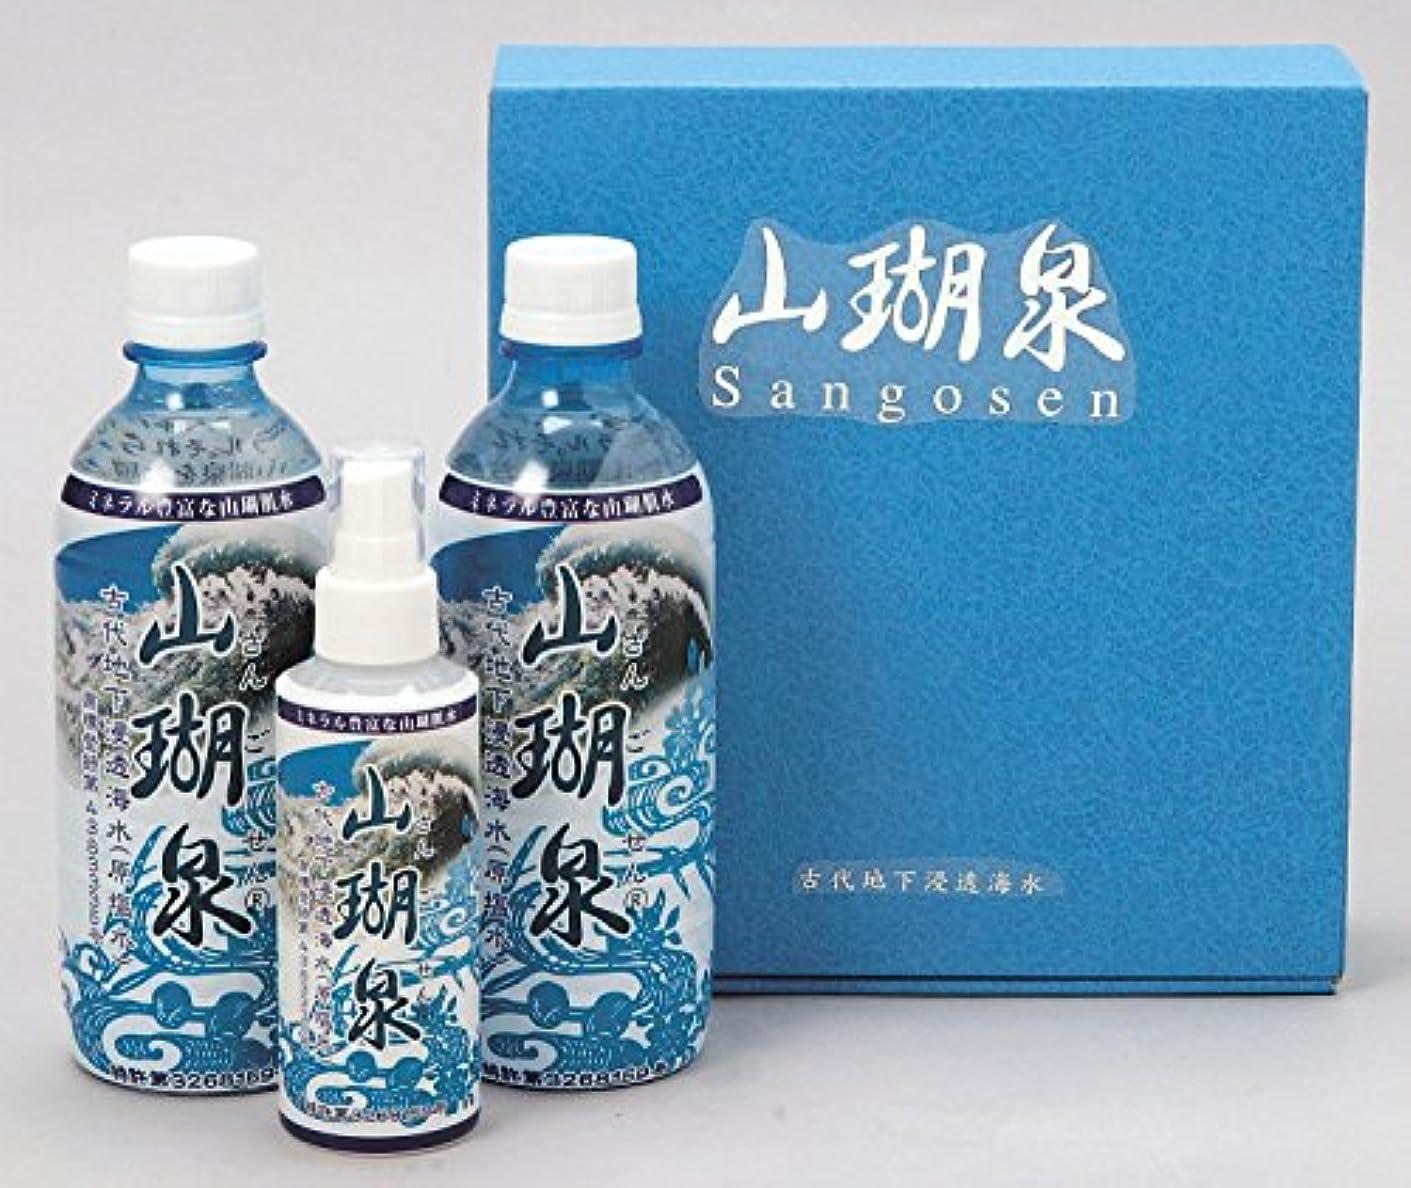 真夜中資格情報放射する山瑚泉(化粧水)セット